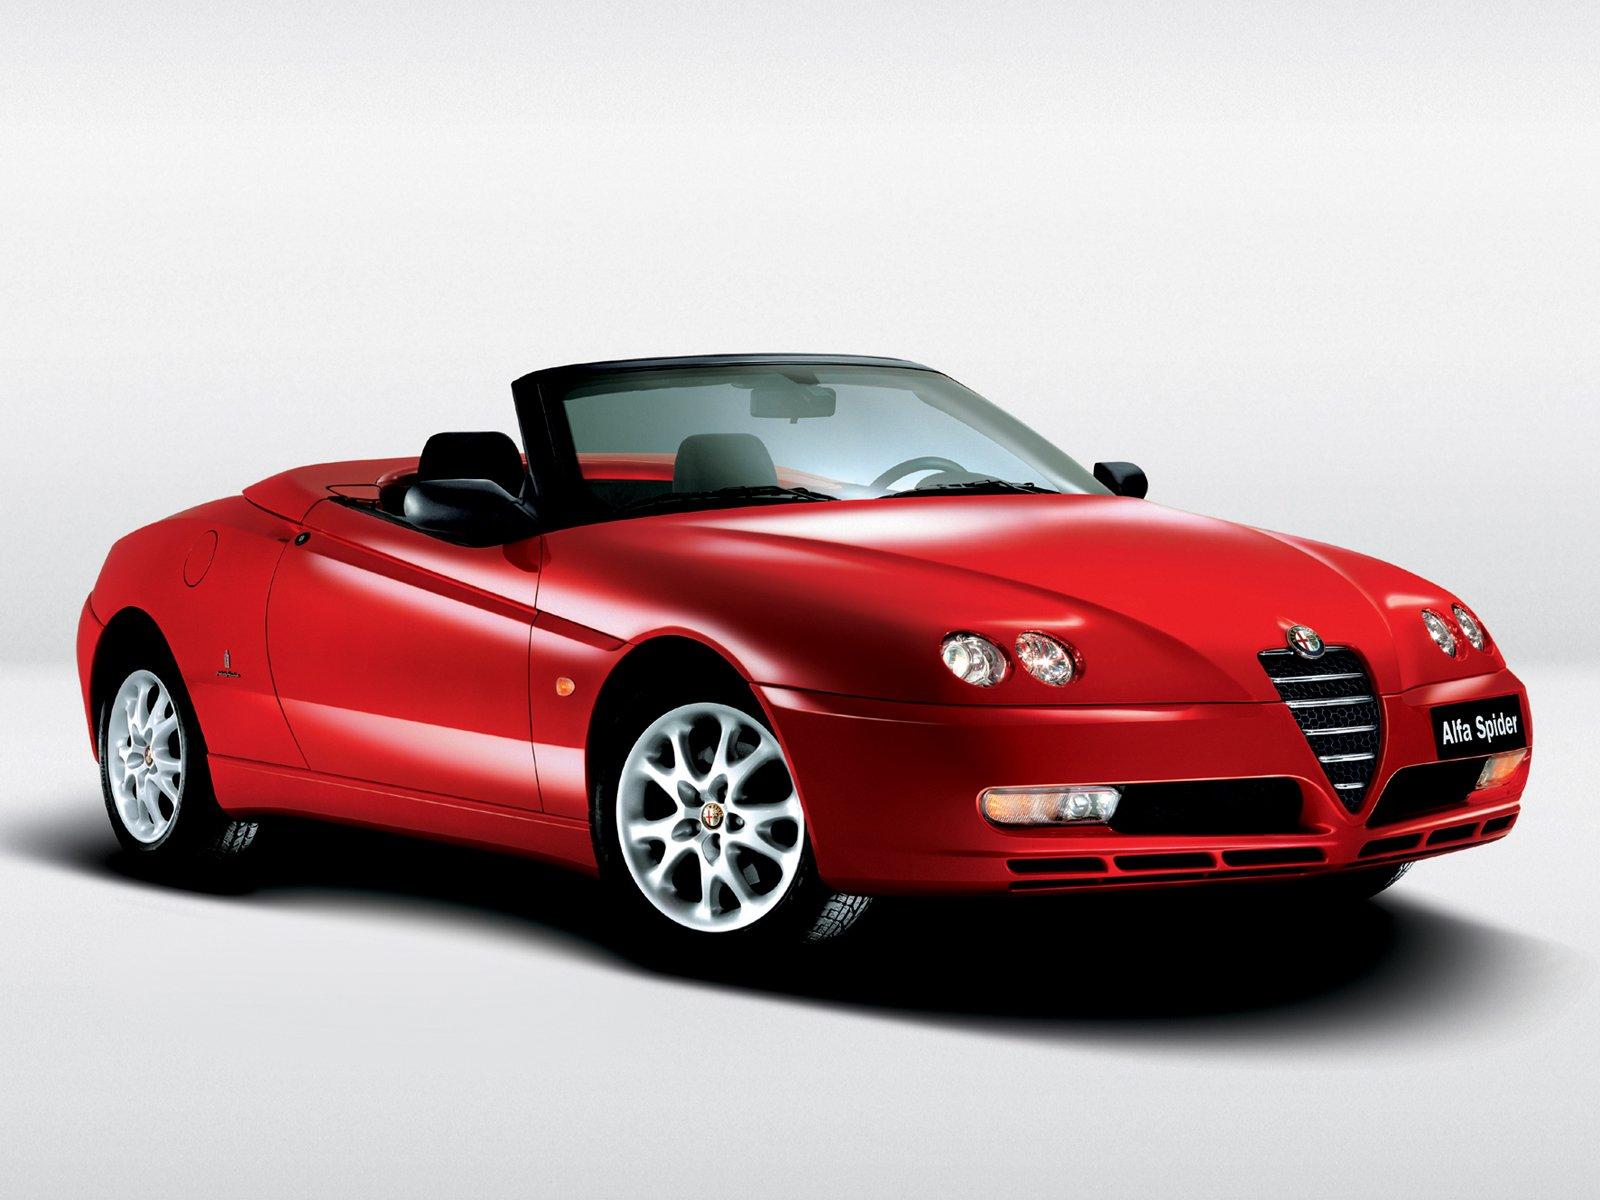 Fondos Gratis Fondos Autos Alfa Romeo Spyder